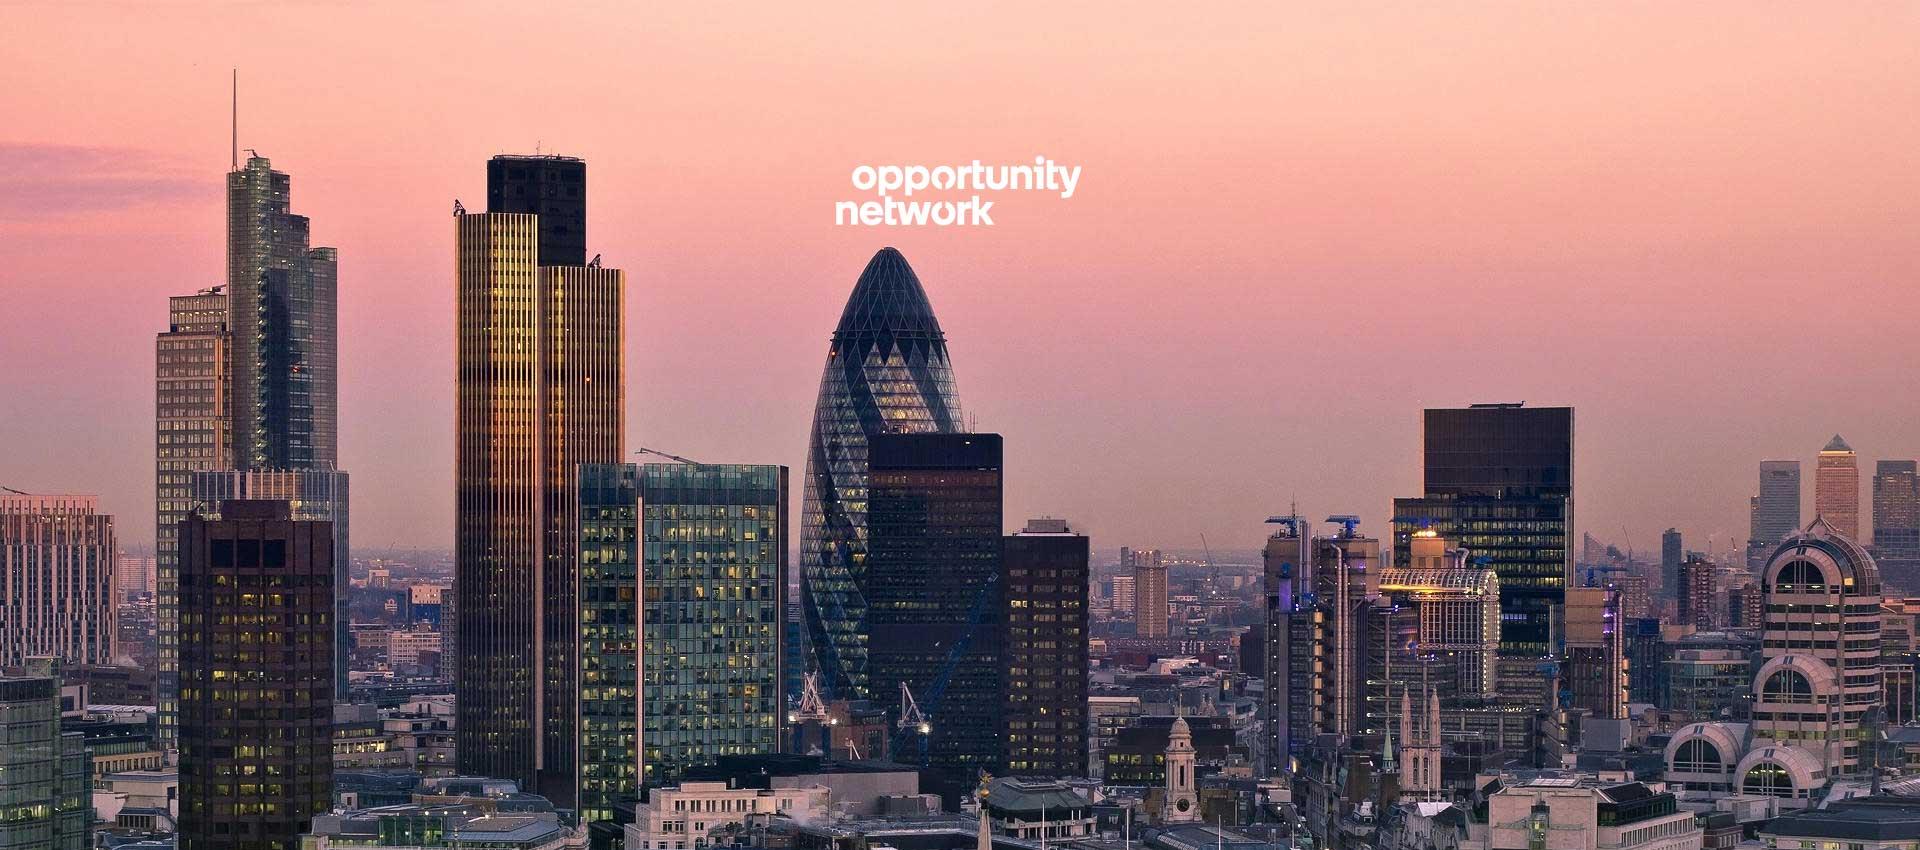 Thông tin tổng quan, khó khăn và kết quả đạt được của dự án Opportunity Network